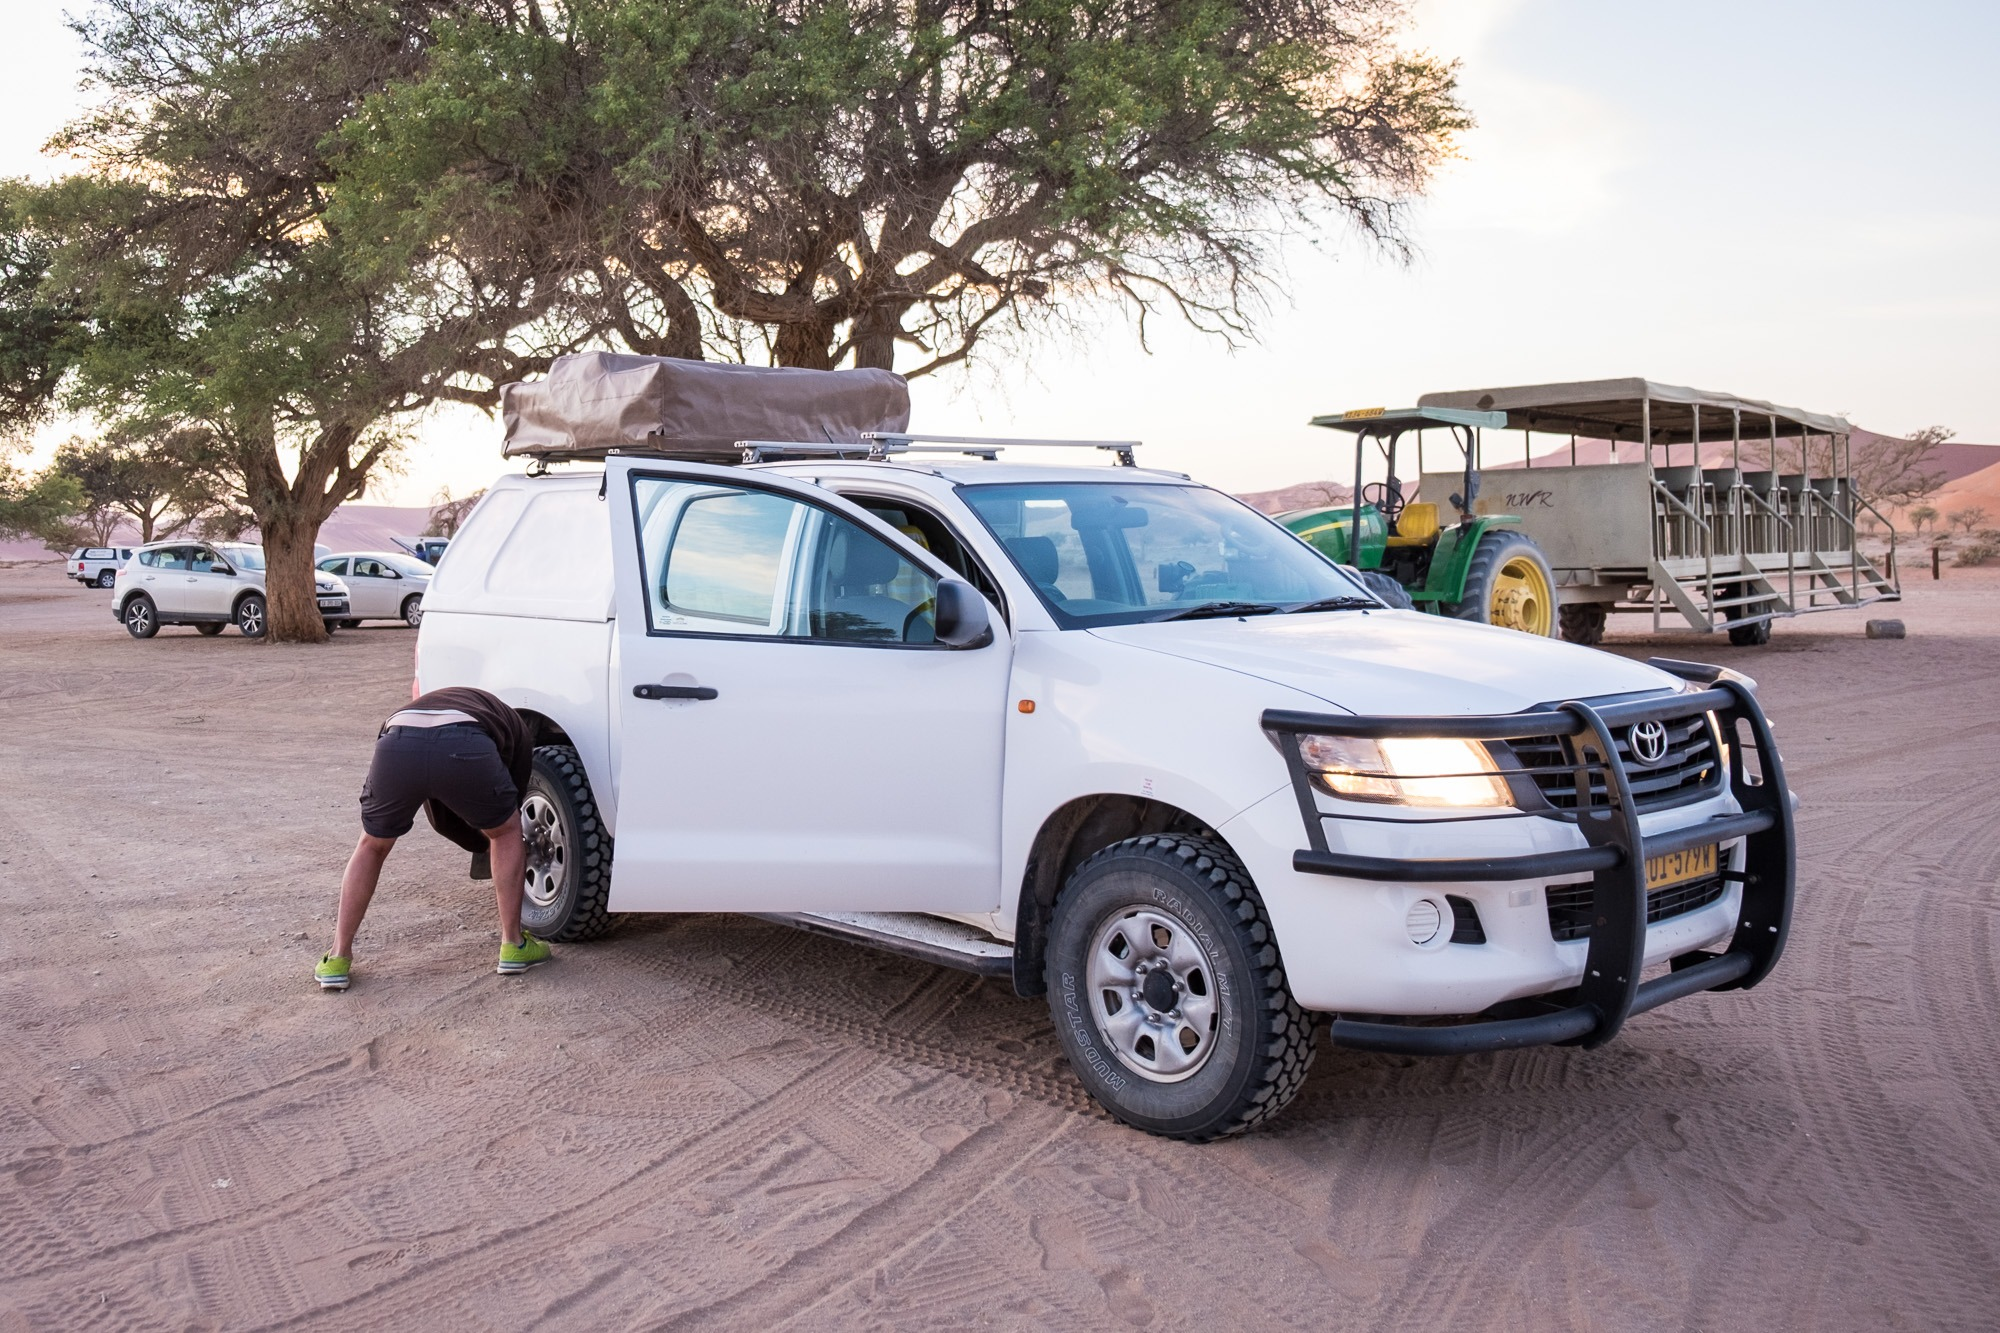 Luftdruck senken Toyota Hillux im Sossusvlei in Namibia